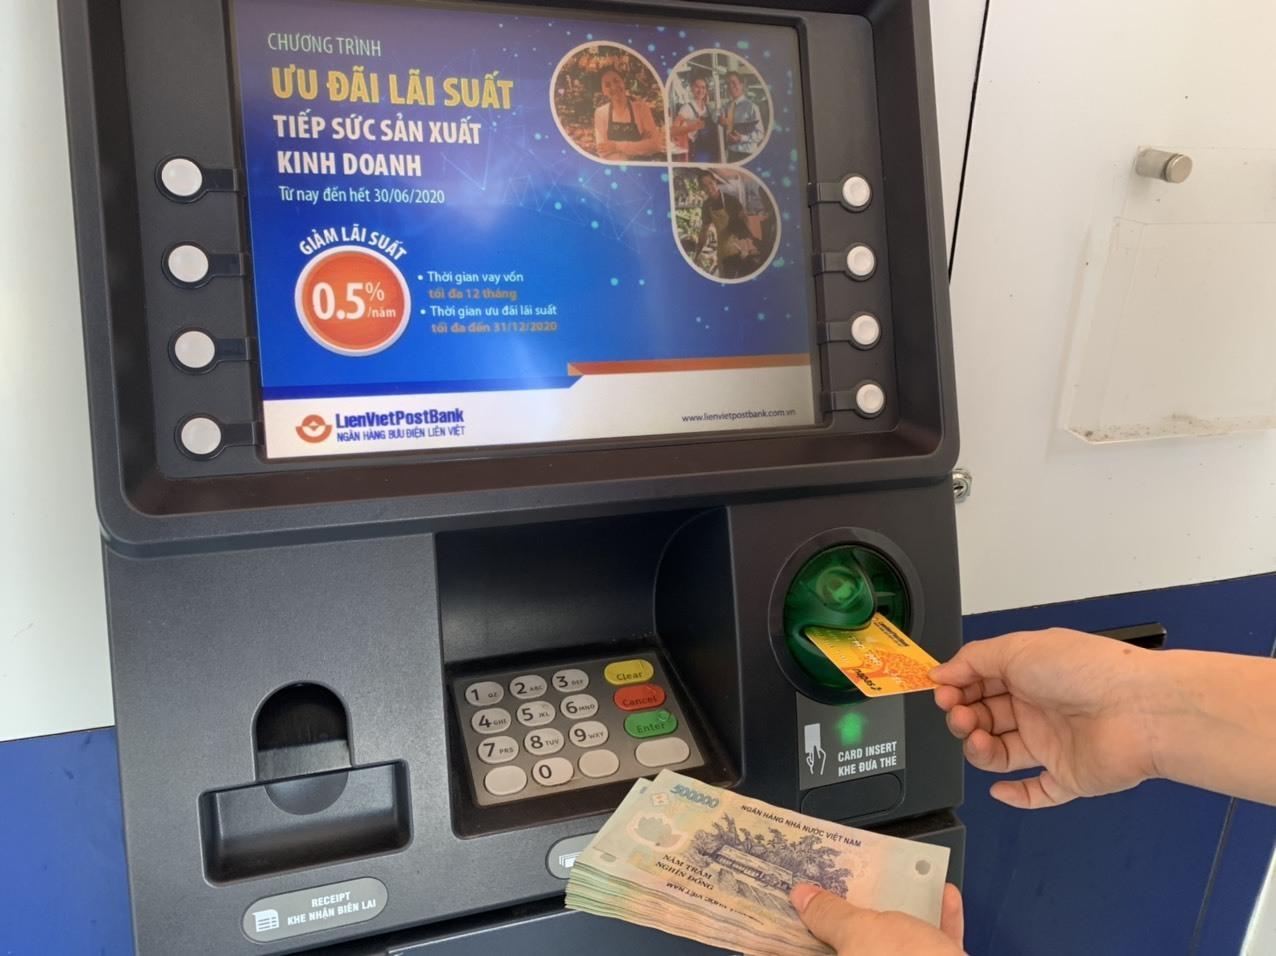 Hà Nội: Hơn 8.000 người ở quận Hà Đông nhận lương hưu, trợ cấp BHXH qua thẻ ATM